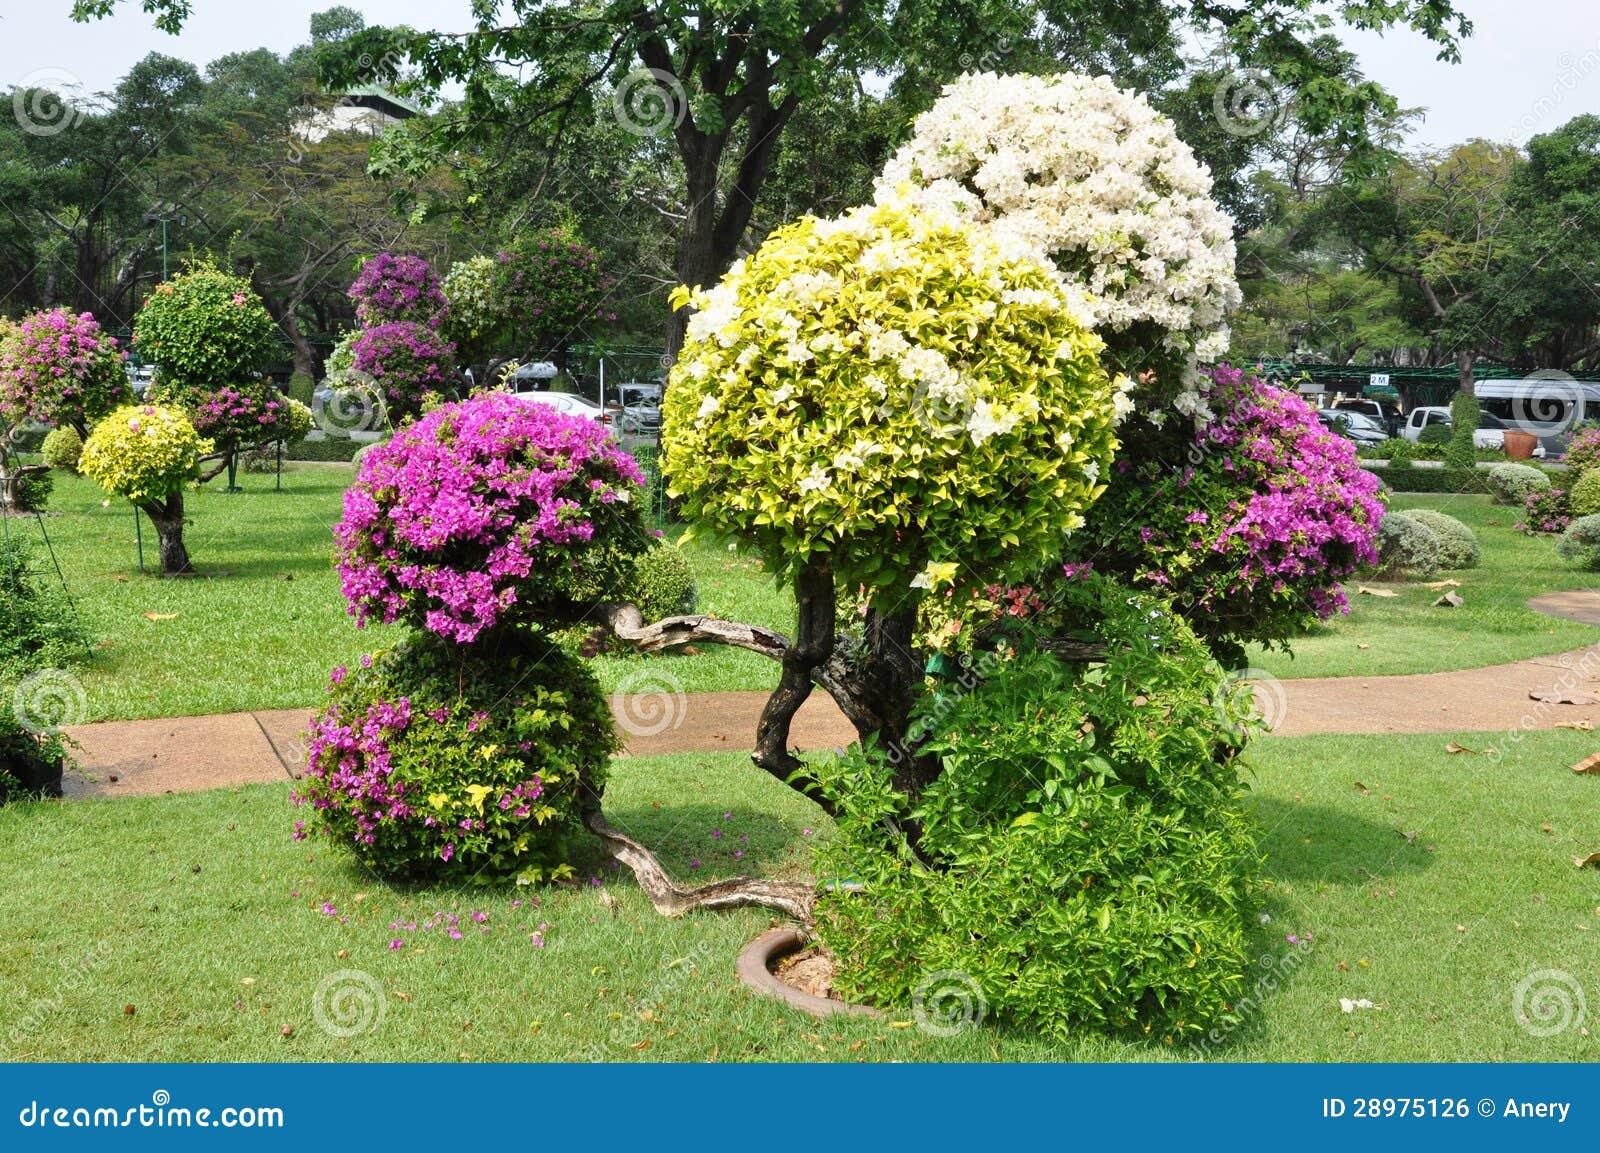 Landscape Design Bougainvillea Stock Images - 116 Photos